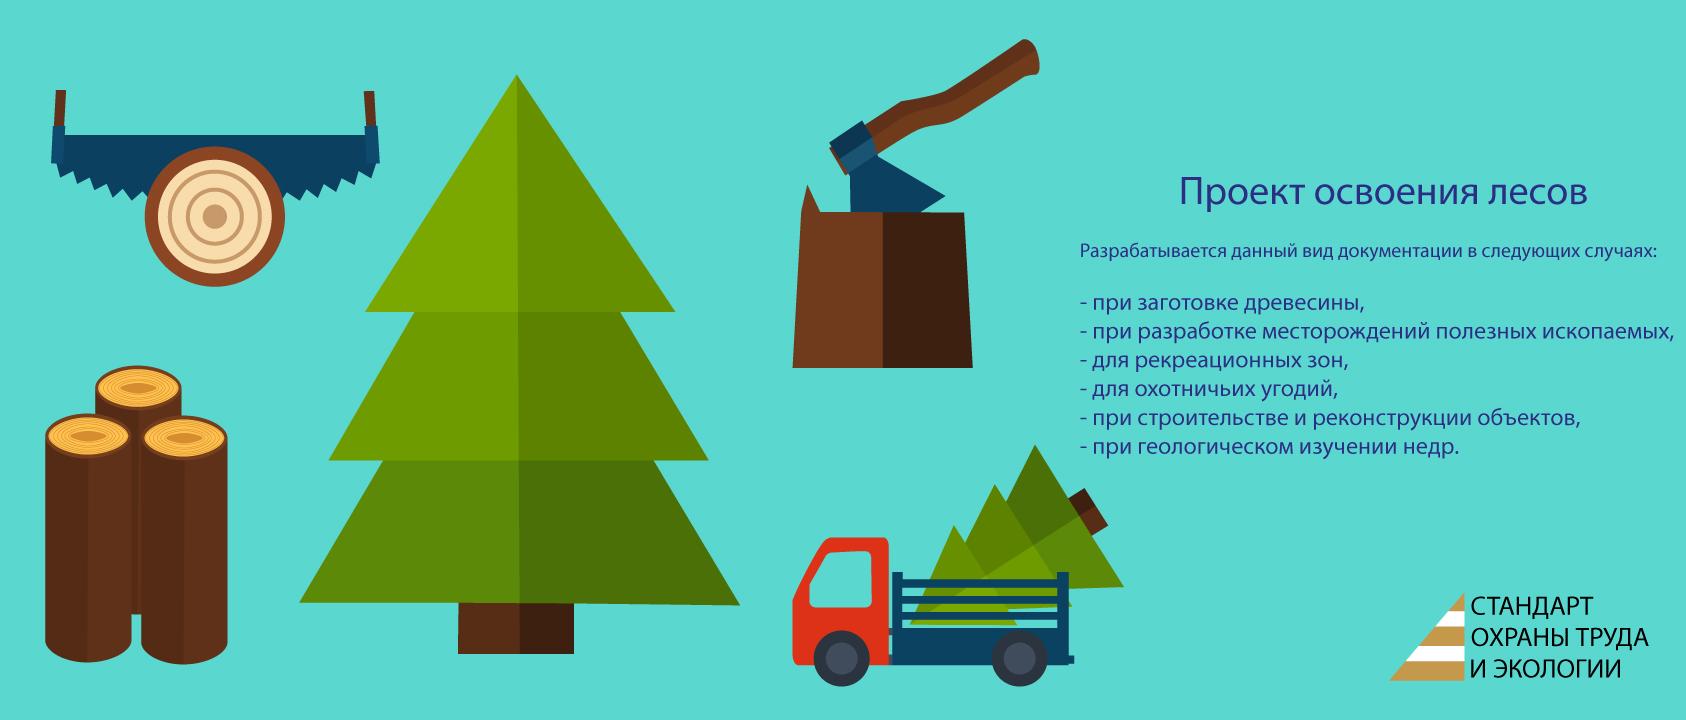 proekt osvoeniya lesov